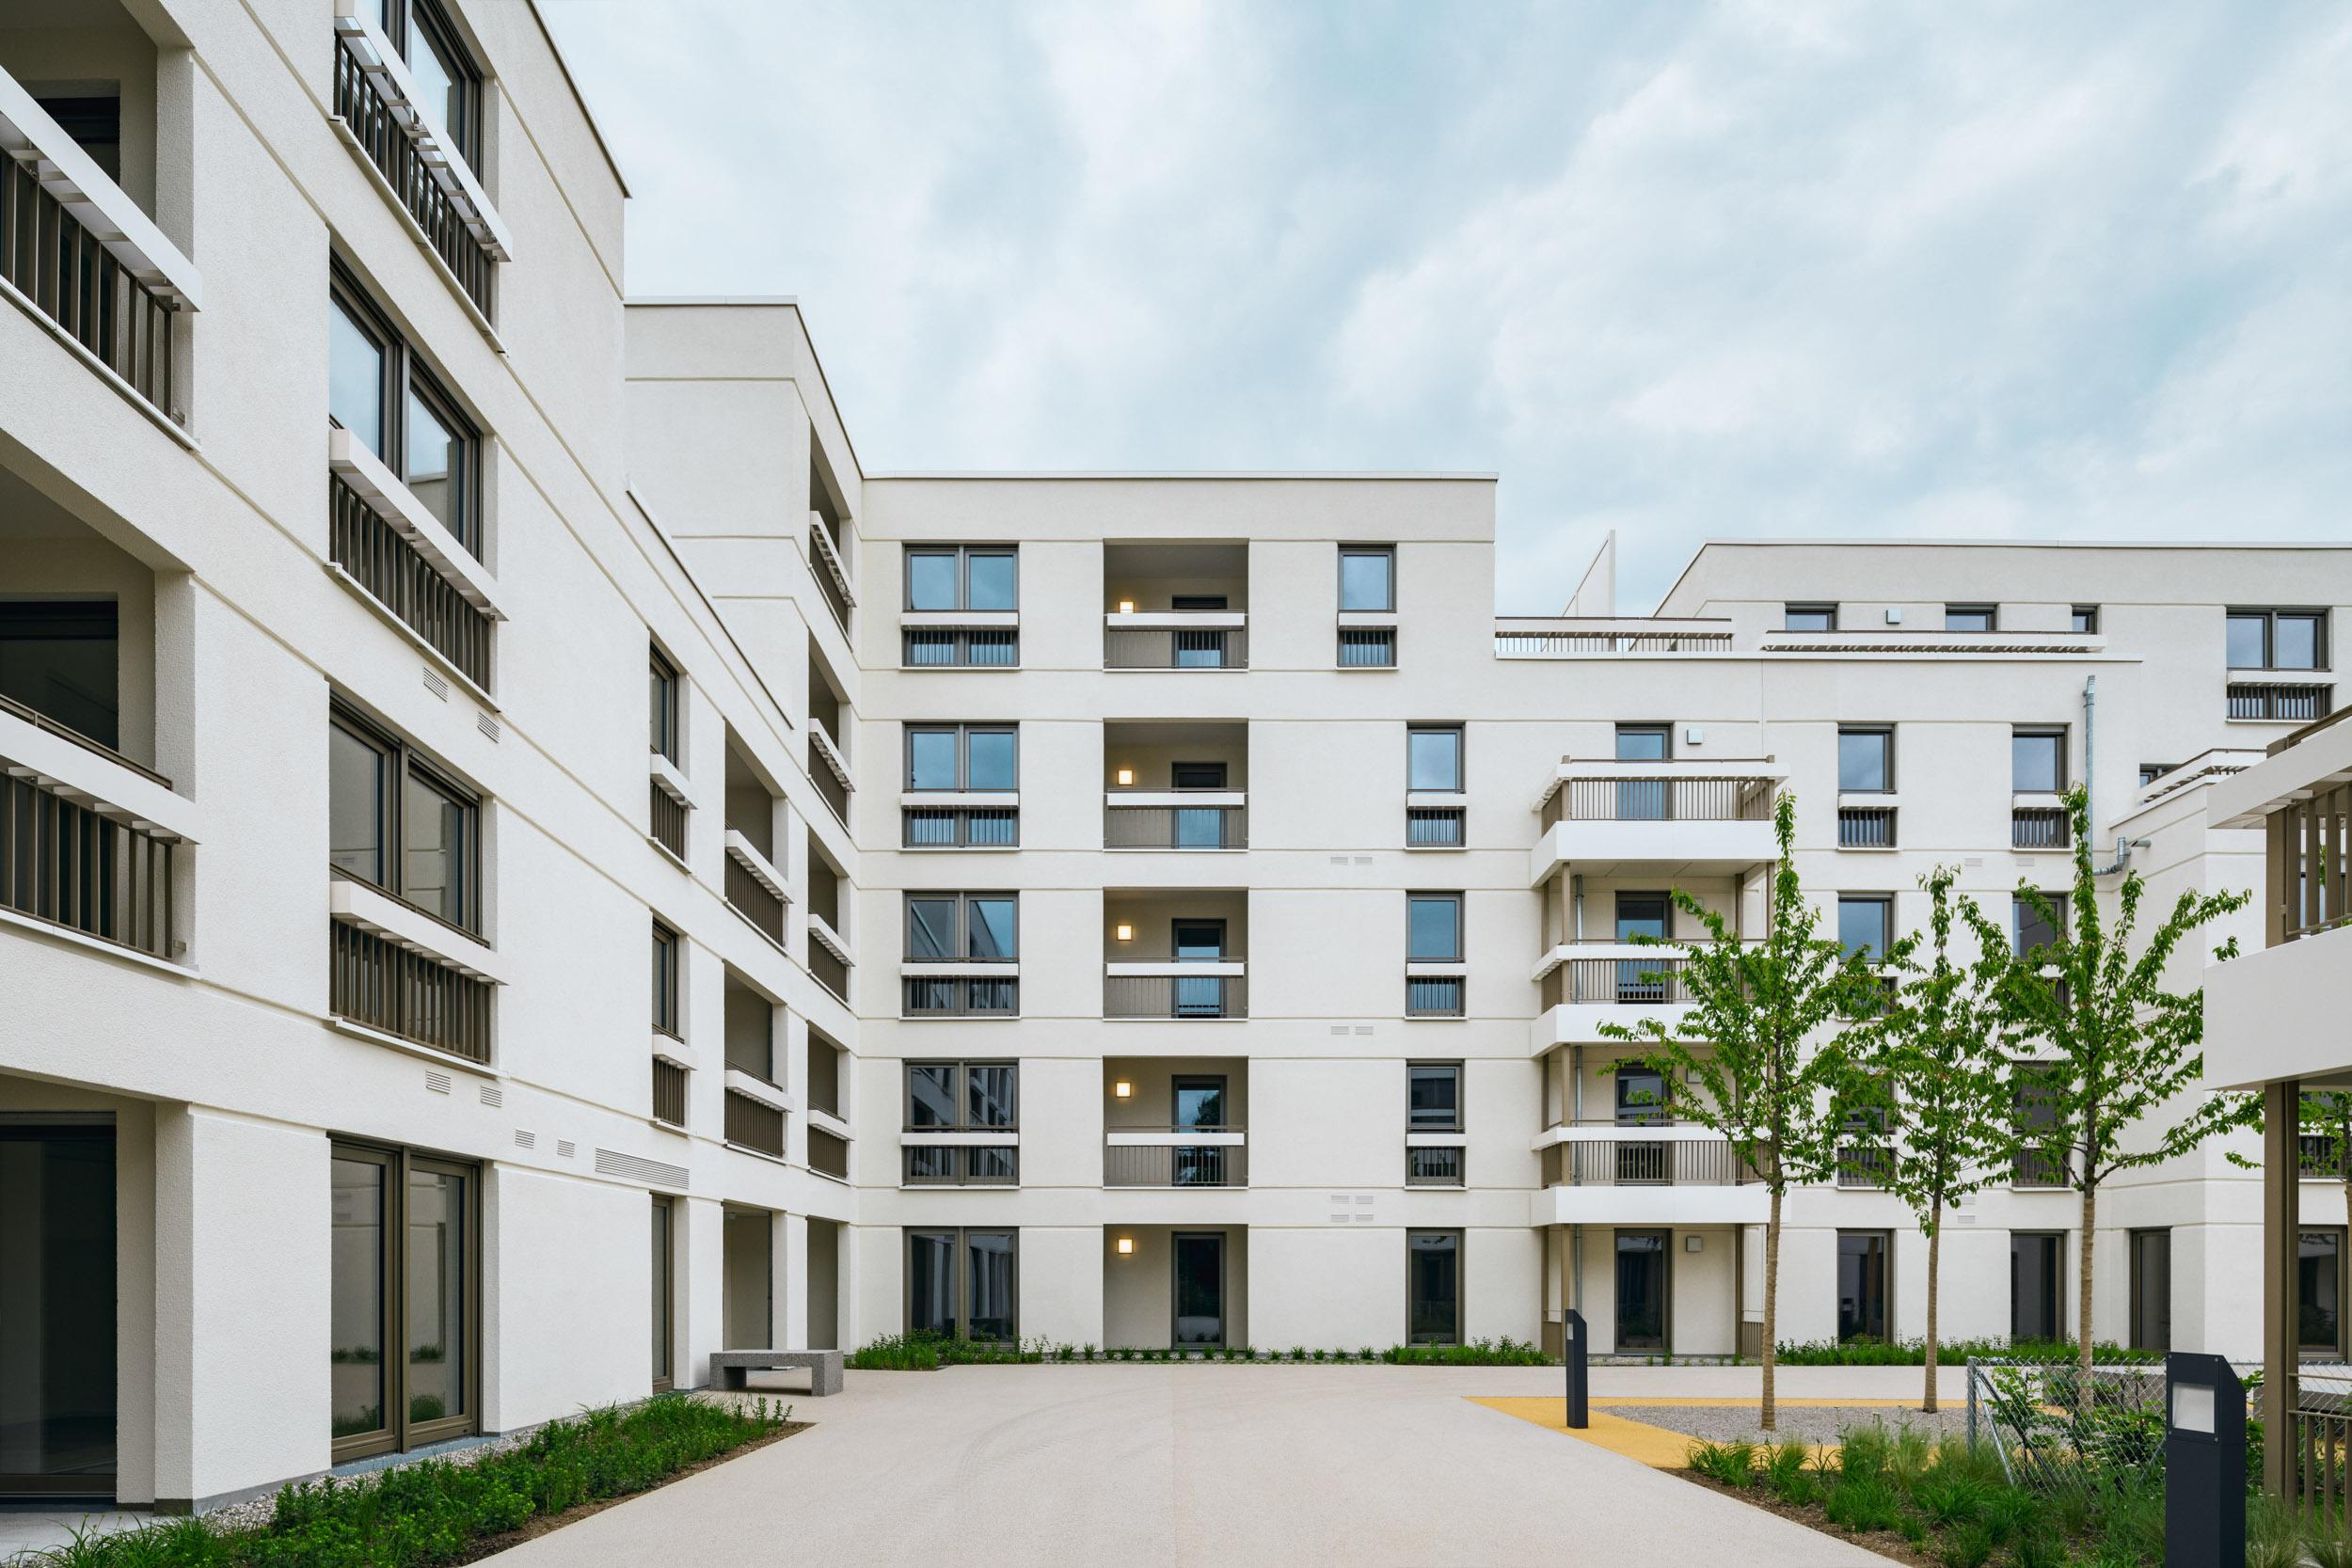 Gustav-Epple-Bauunternehmung-Tru-Living-München-Wohnbau-2020-TruLiving_MLX6810#00